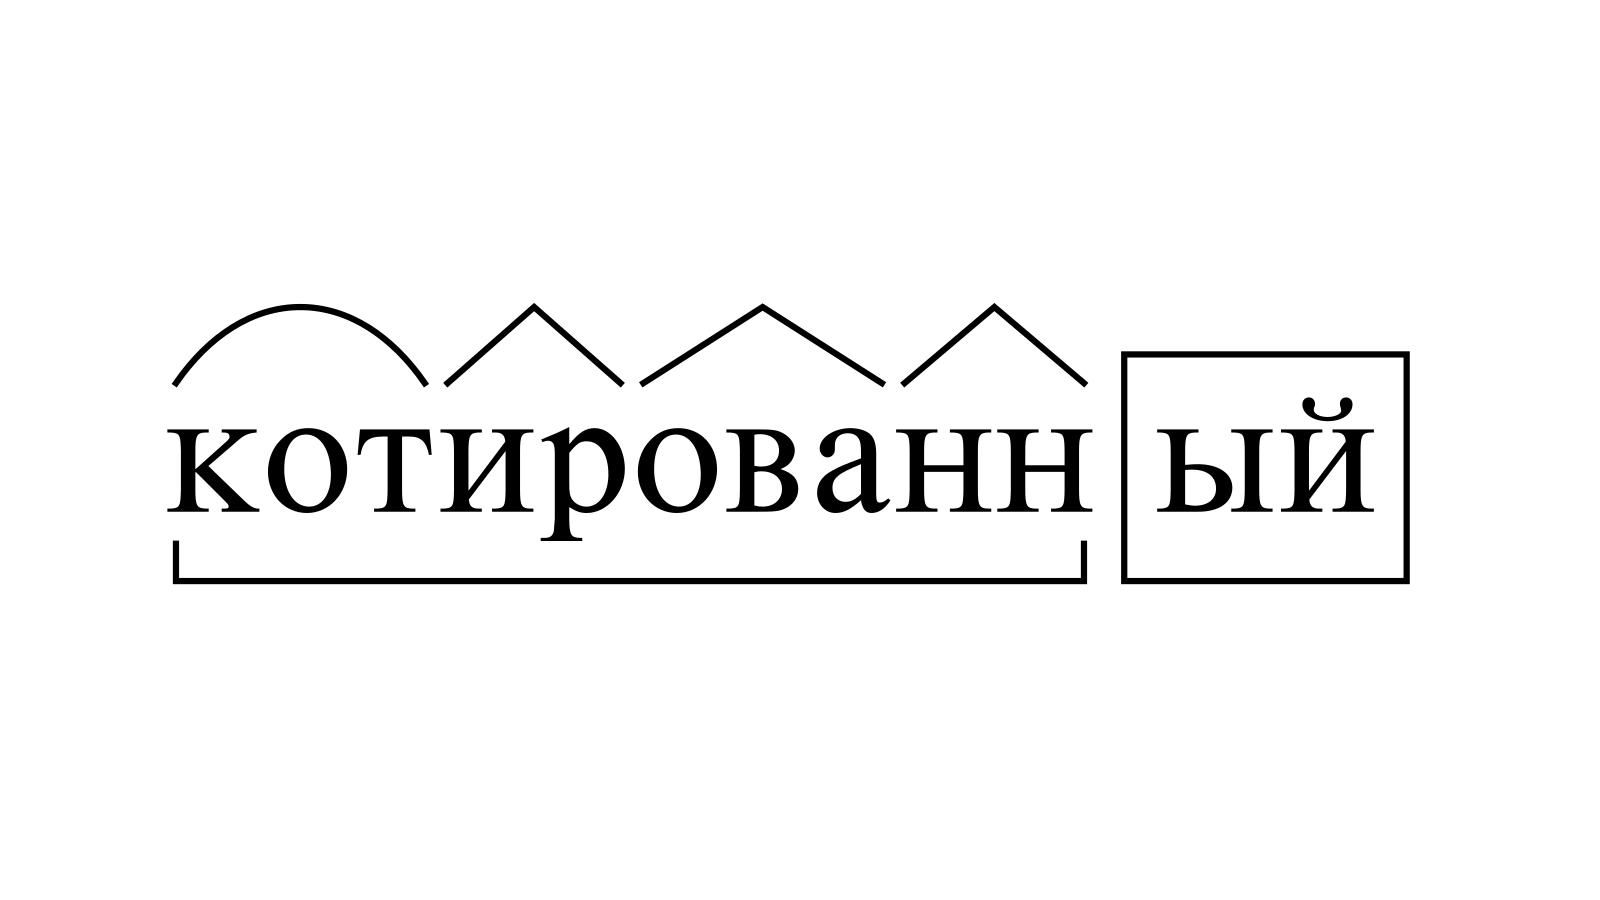 Разбор слова «котированный» по составу